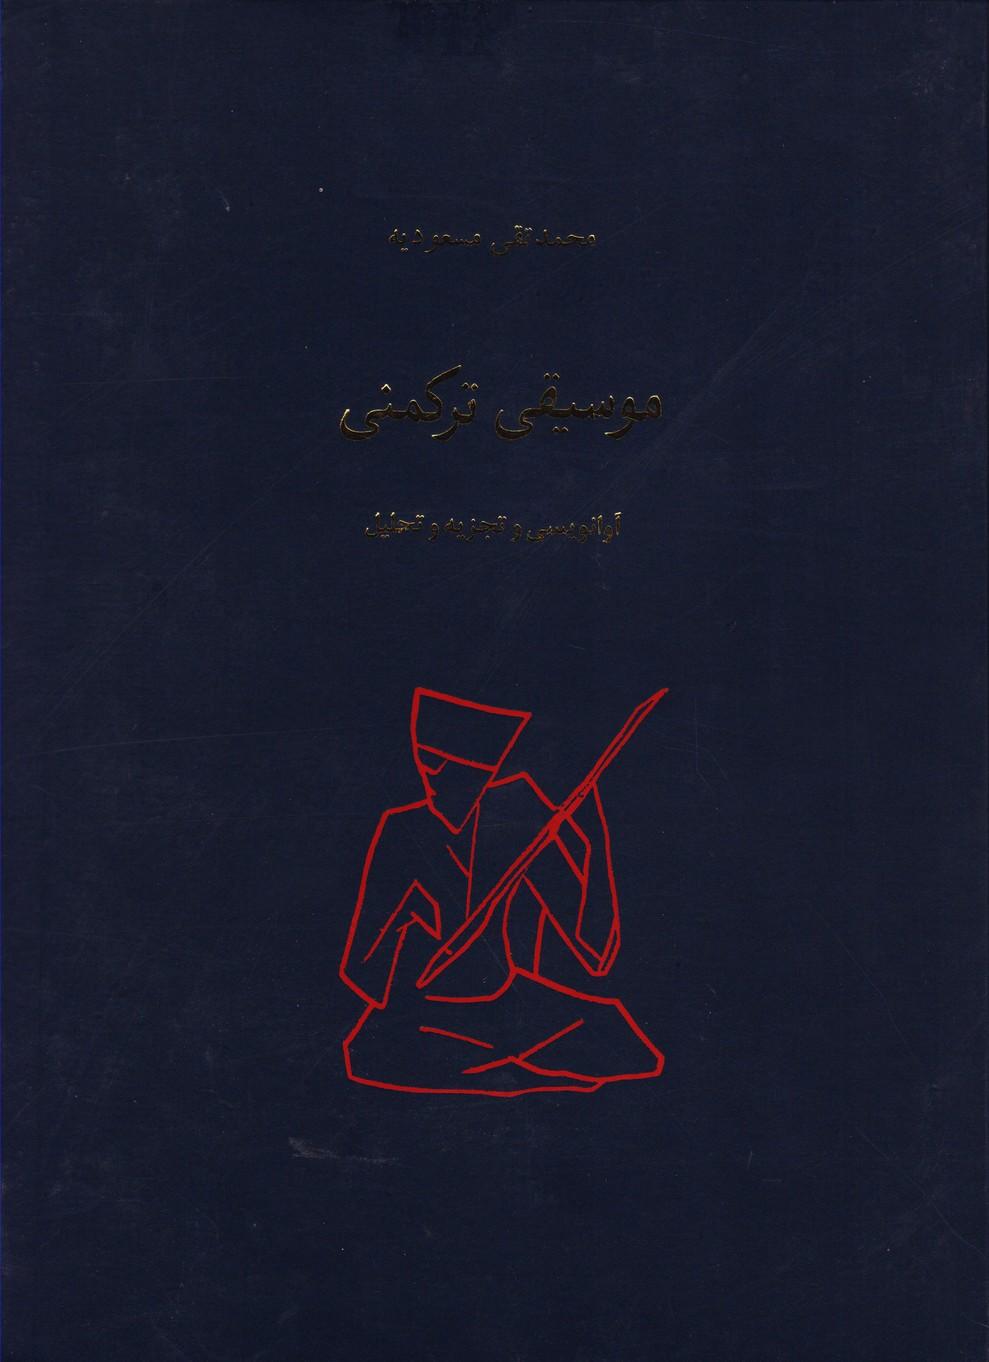 موسیقی ترکمنی (آوانویسی و تجزیه و تحلیل)